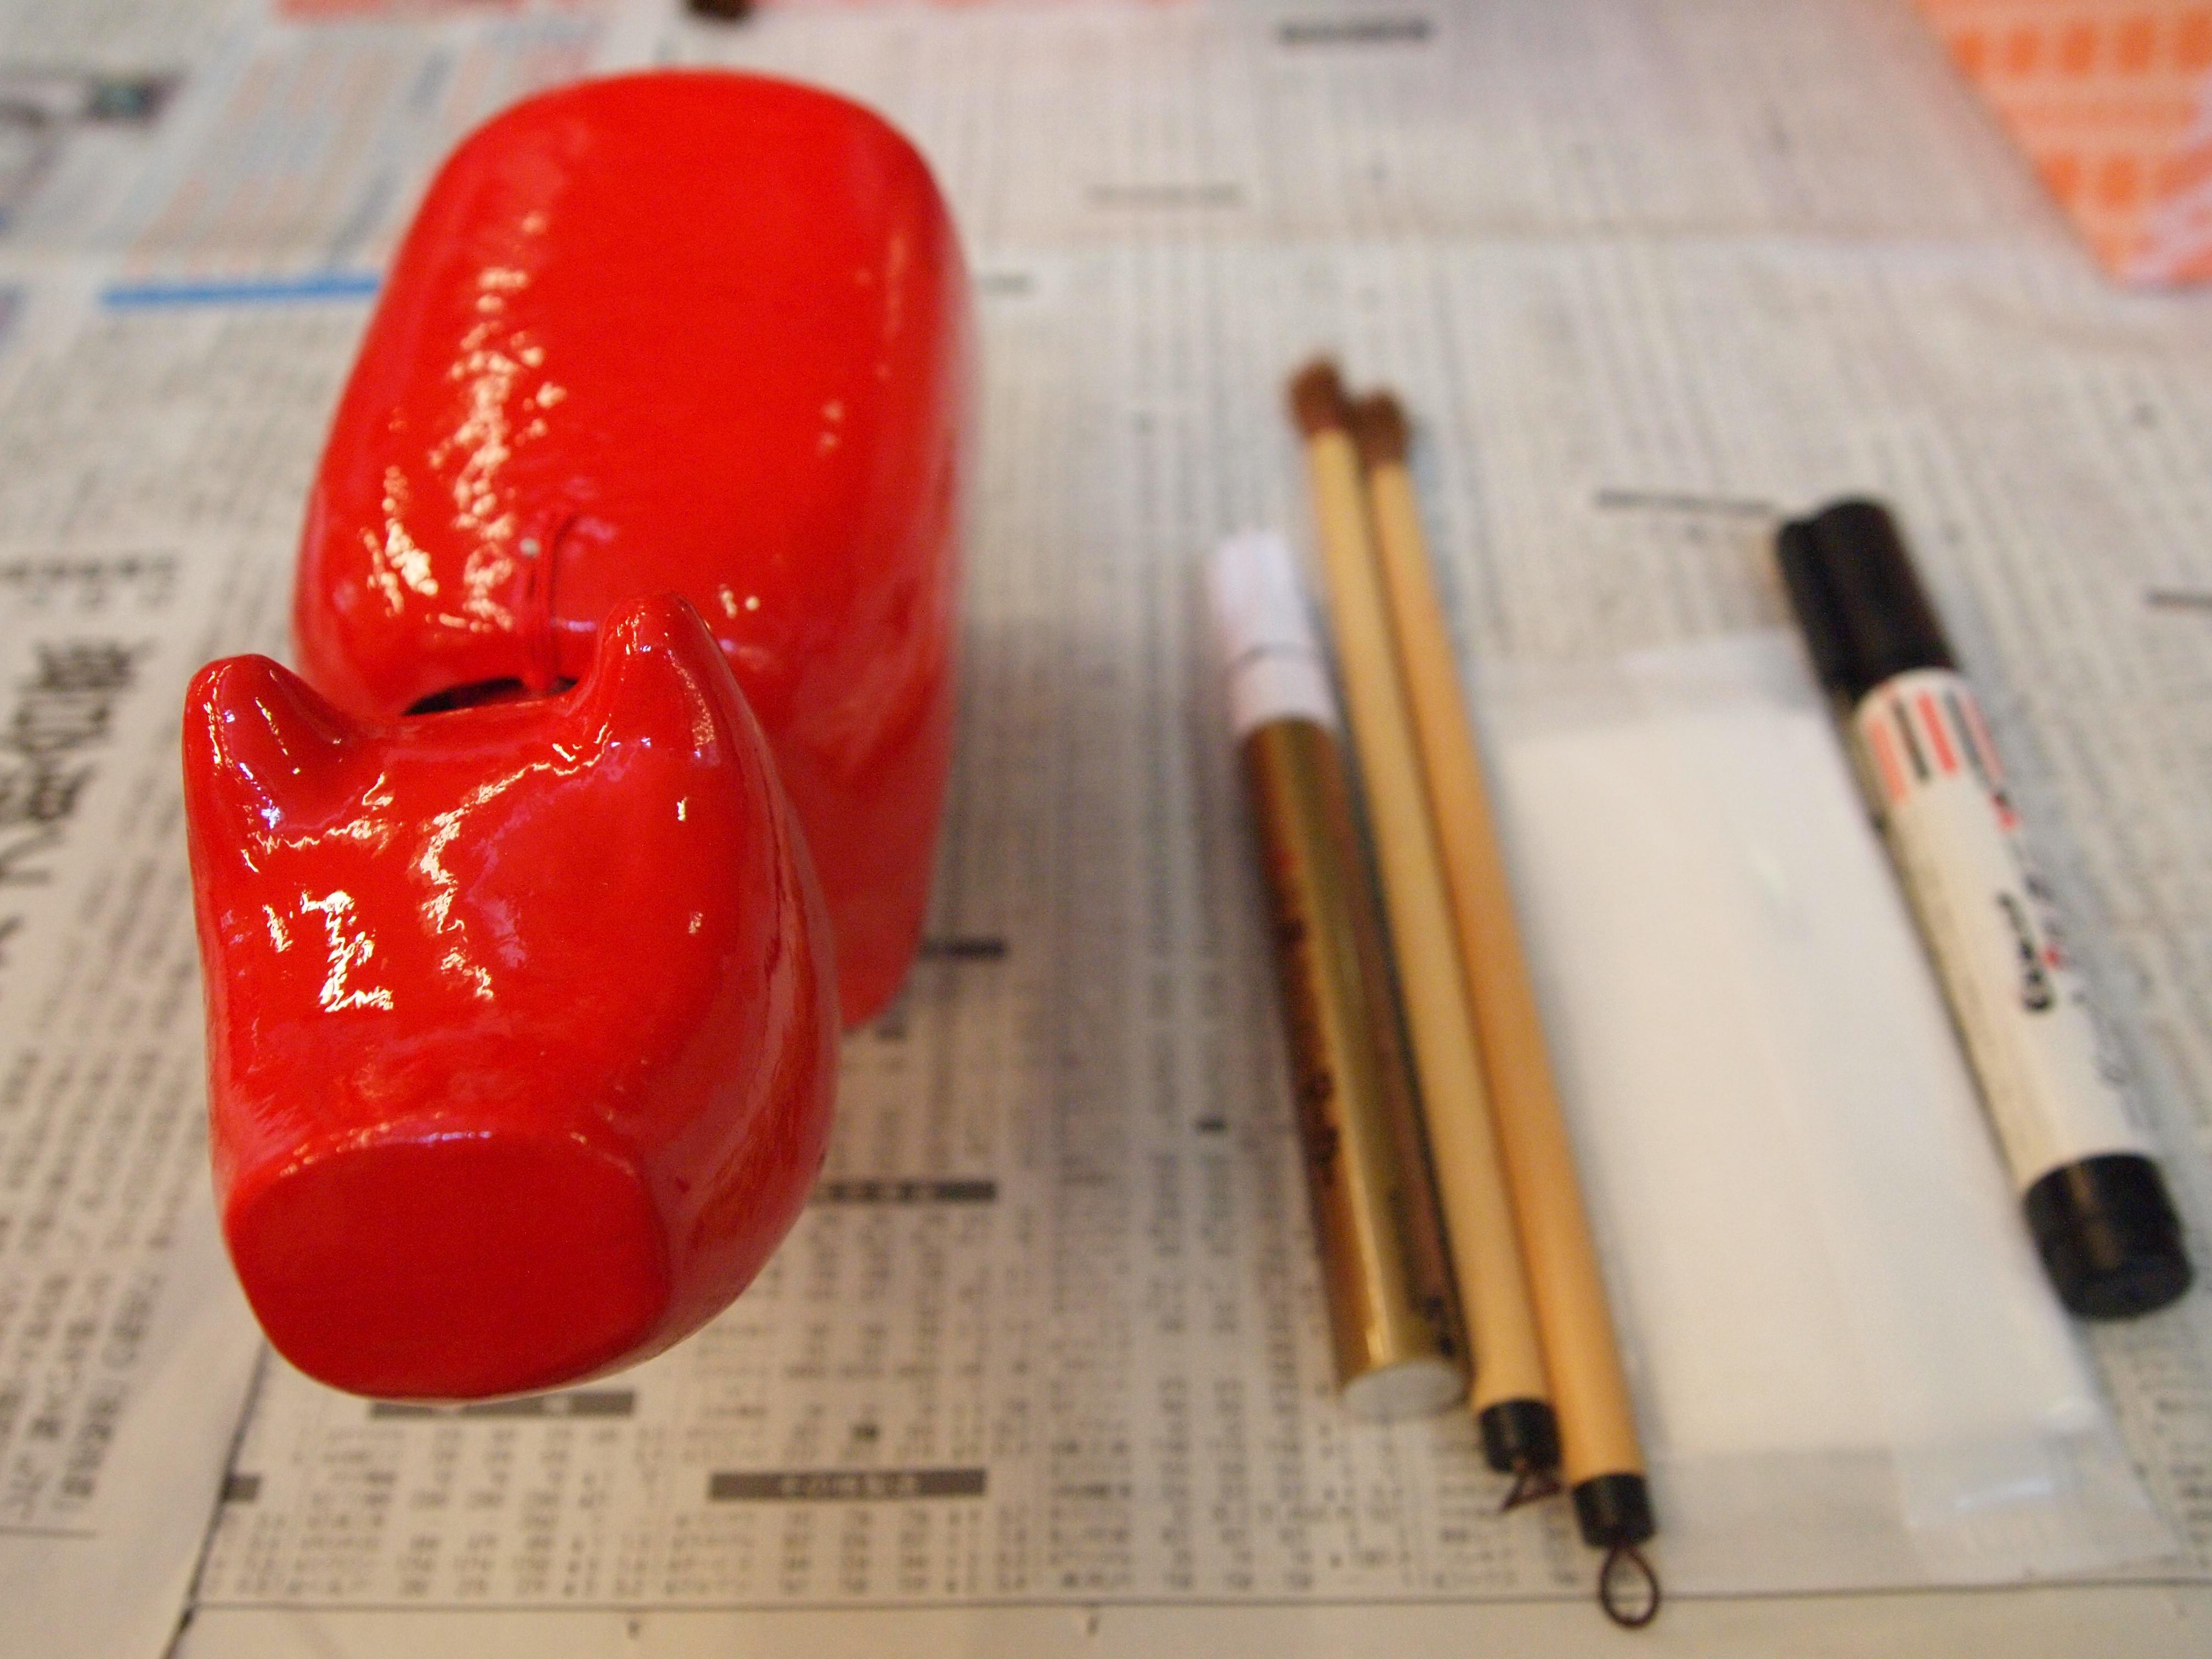 红牛彩绘体验时,工作人员会为你准备的材料包括,毛笔、颜料、金漆笔、黑墨笔和湿纸巾。